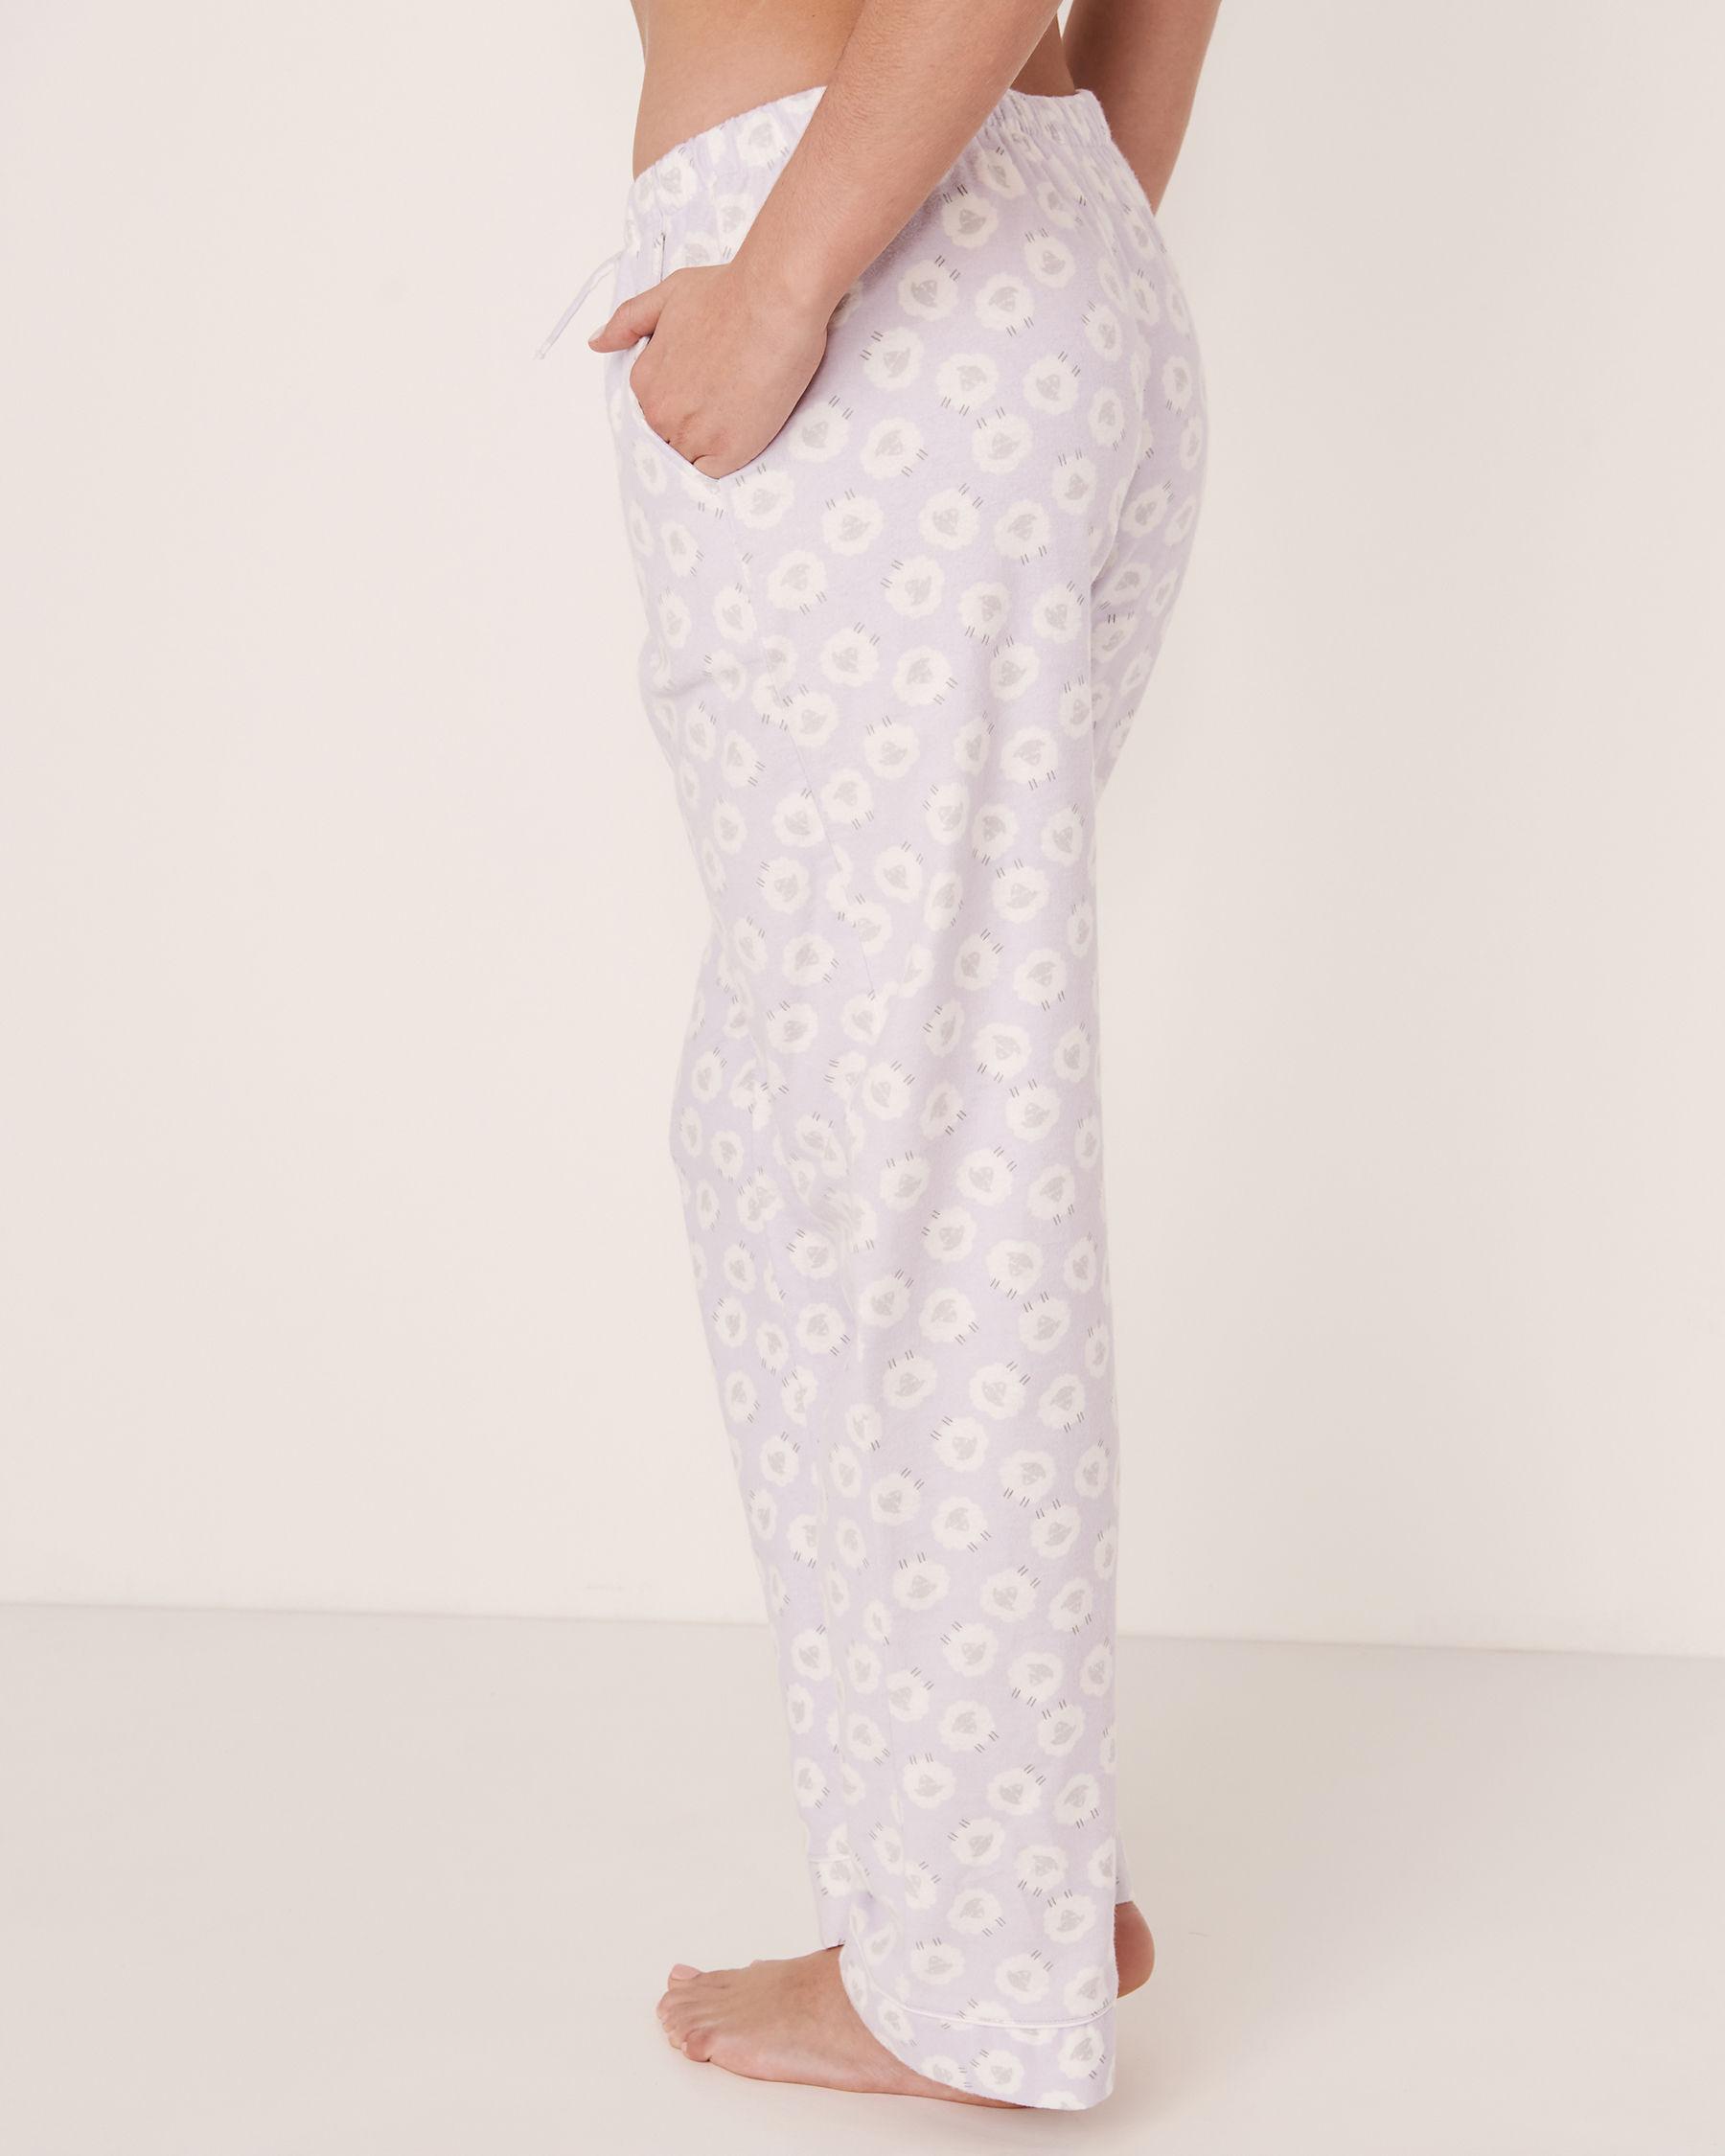 LA VIE EN ROSE Flannel PJ Set Sheep 40400012 - View5